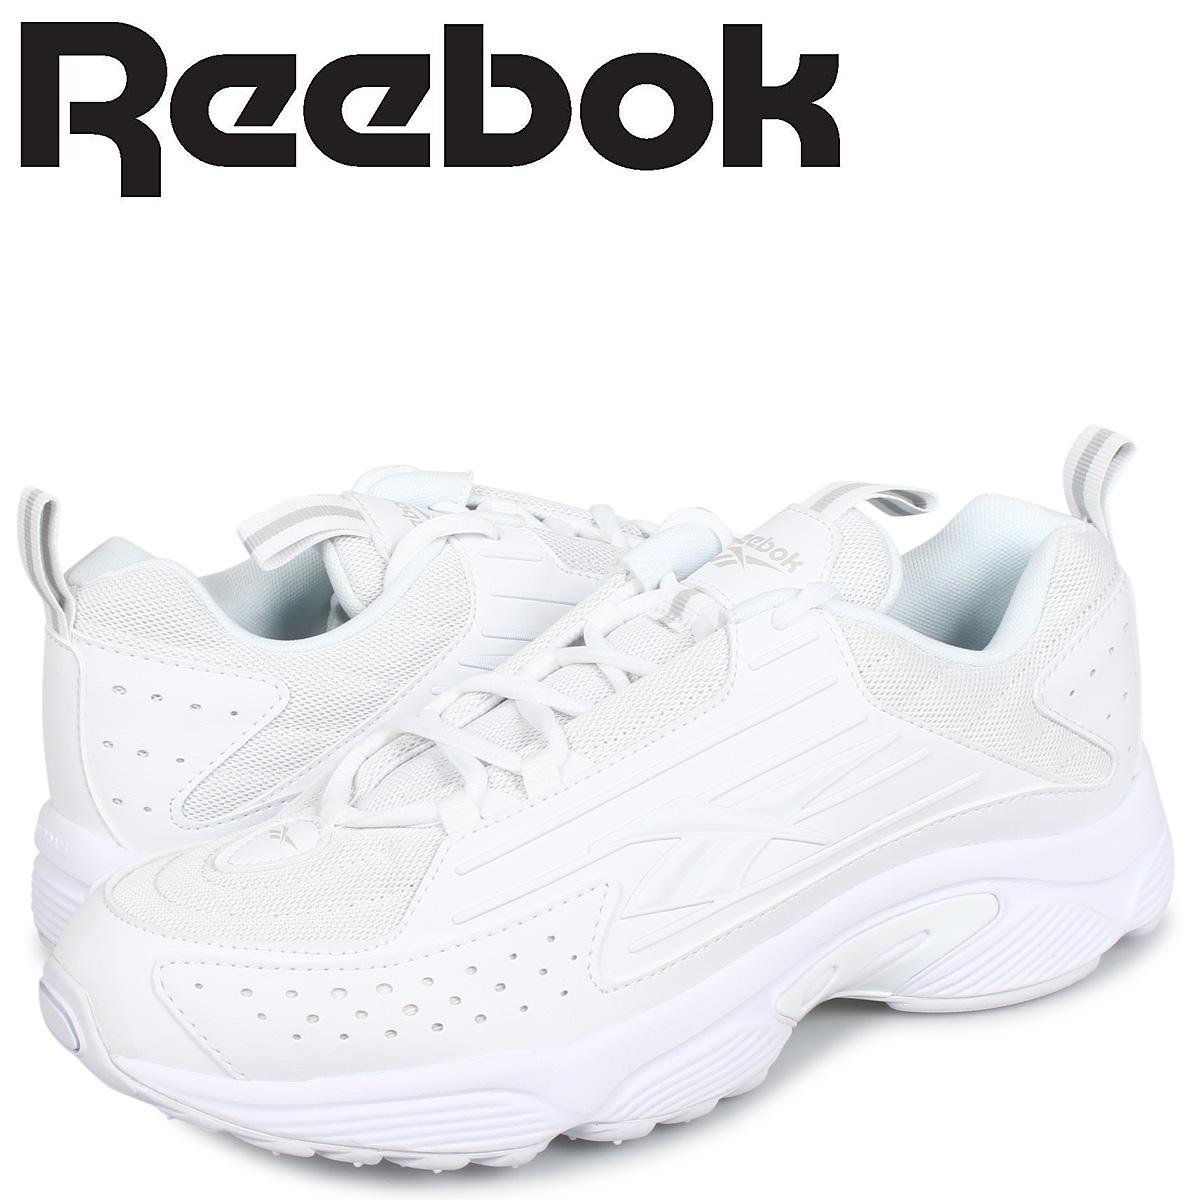 リーボック Reebok ディーエムエックス シリーズ スニーカー メンズ DMX SERIES 2K ホワイト 白 DV9724